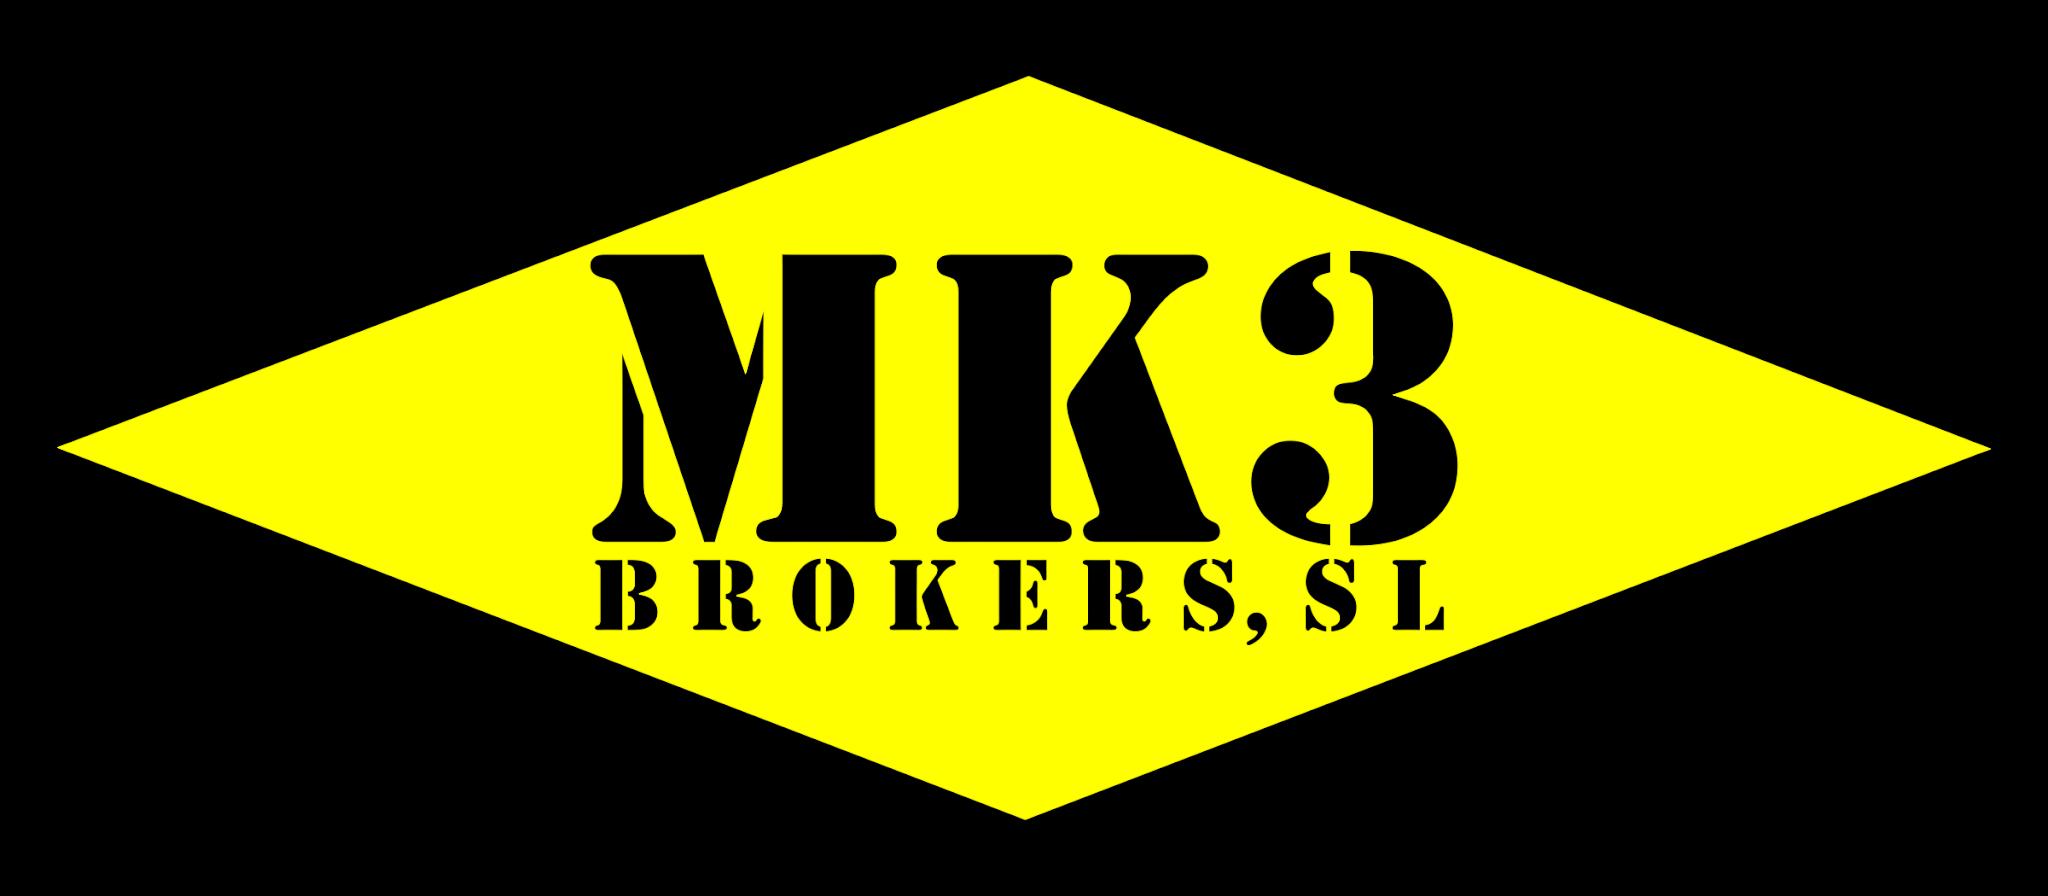 MK3 BROKERS, S.L.